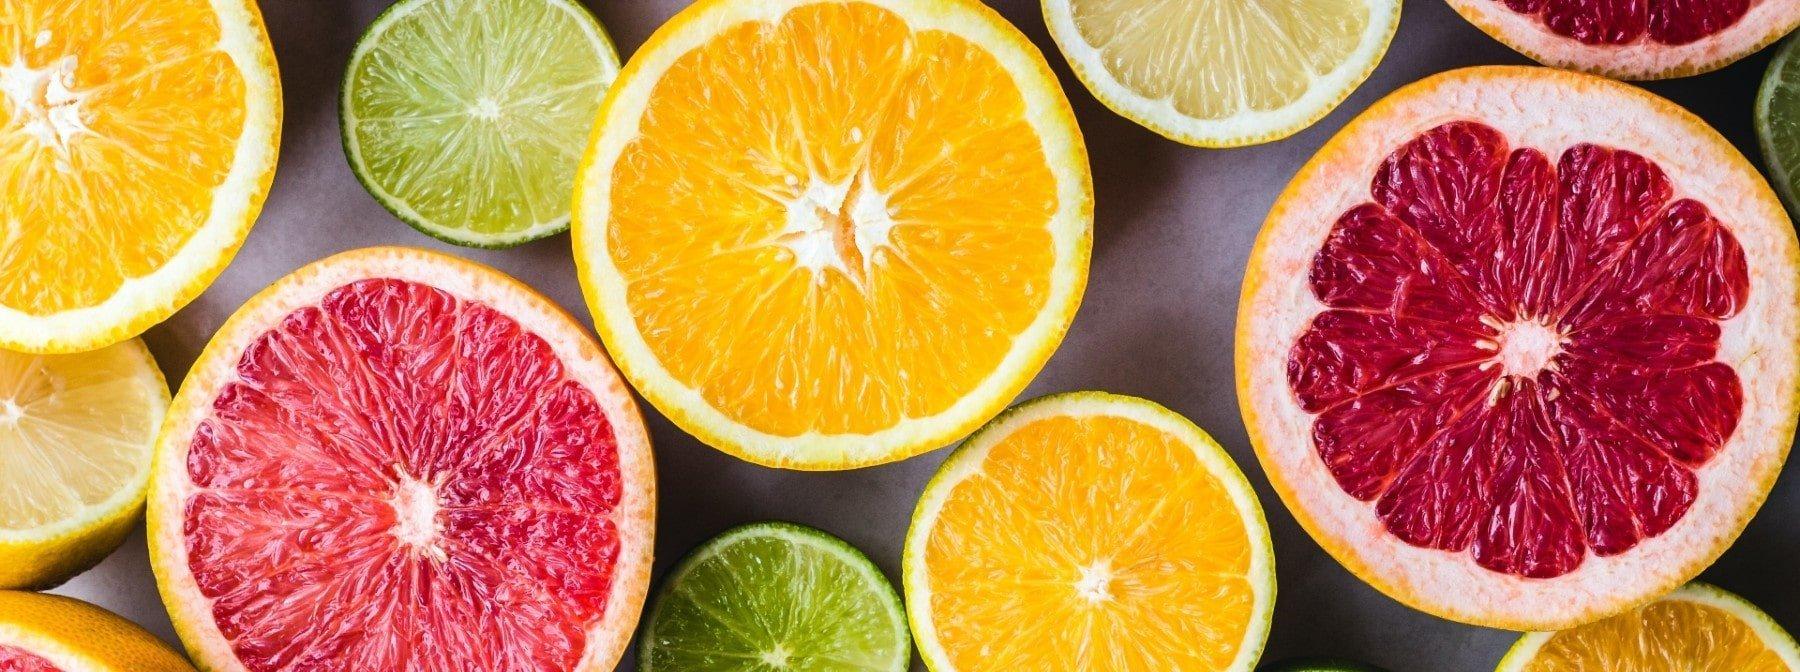 Što jesti kada ste bolesni | 11 najboljih namirnica